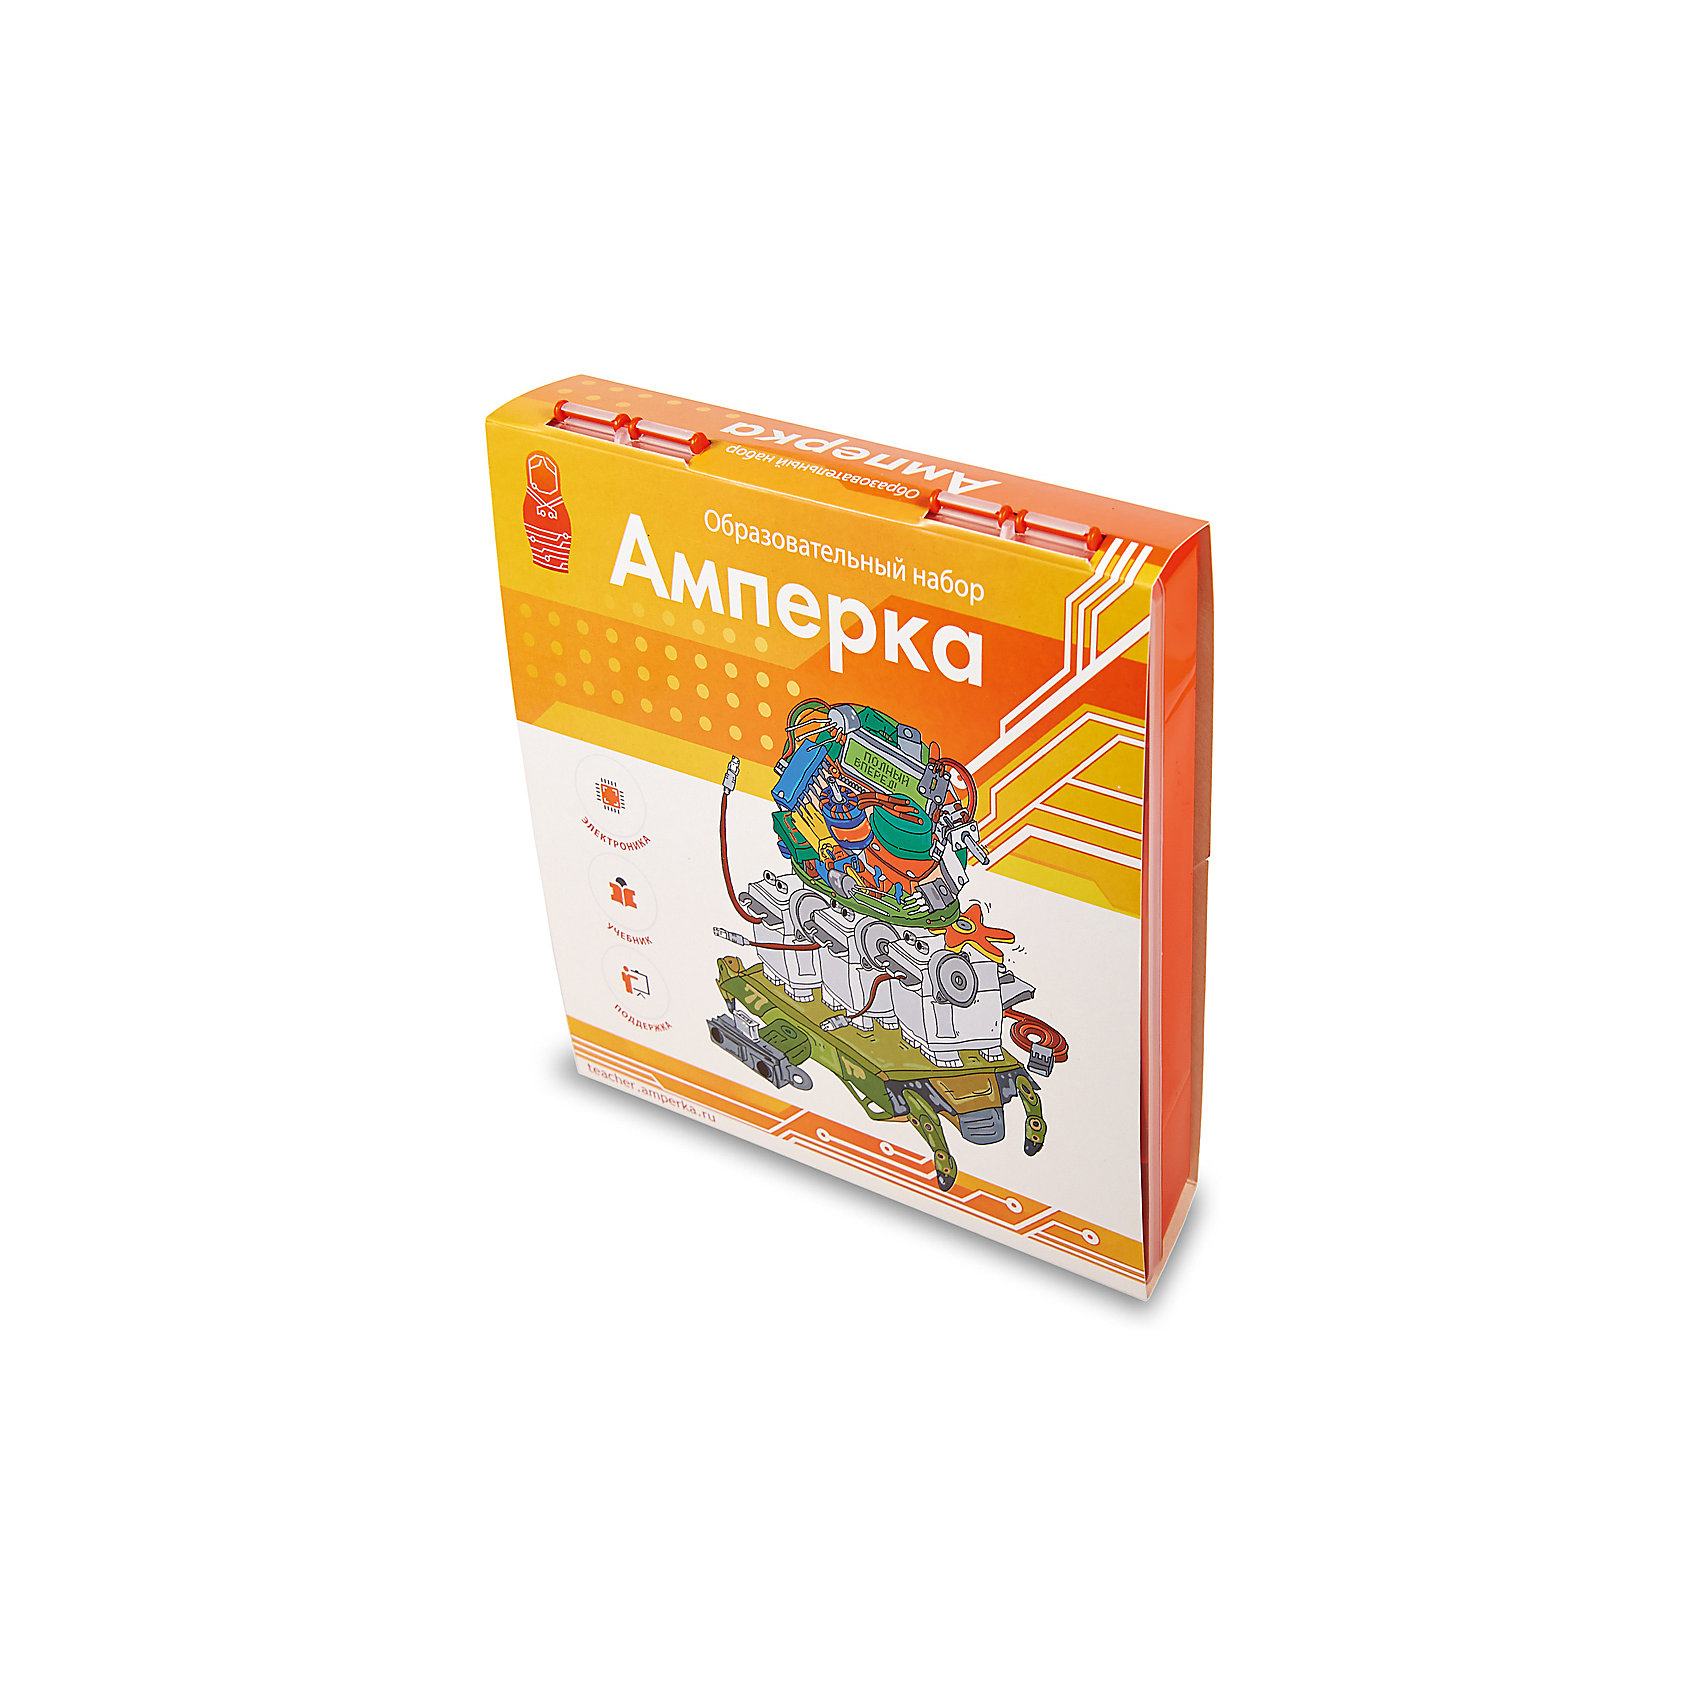 Образовательный набор АмперкаНаборы для робототехники<br>Образовательный набор Амперка.<br><br>Характеристики:<br><br>•Комплектация: плата Arduino Uno, датчик линии 2 шт, датчик наклона, фоторезисторы 2 шт, термисторы 2 шт, кнопка тактовая 4 шт, потенциометр 2 шт, макетная доска, соединительный провод 75 шт, USB-кабель, разъём для батарейки, двухколёсное шасси робота, сервопривод, текстовый ЖК-экран, 7-сегментный индикатор 2 шт, светодиод красный 12 шт, светодиод жёлтый, зеленый по 4 шт, трёхцветный светодиод 2 шт, пьезоизлучатель звука 2 шт, резисторы 120 шт, биполярный транзистор 10 шт, транзистор MOSFET 4 шт, микросхема CD4026 2 шт, выпрямительный диод 5 шт, мультиметр, драйвер моторов Motor Shield, расширитель портов Troyka Shield, учебник «Основы программирования микроконтроллеров»<br><br>Образовательный набор «Амперка» представляет собой готовый учебный курс, который будет интересен начинающим инженерам от 12 лет. По окончании курса юный технарь: получит навыки сборки электрических схем; научится создавать собственные цифровые устройства и соберёт робота; на практике применит знания о законах электричества; освоит прикладное программирование на C++. <br><br>Учебник, входящий в набор, включает 17 параграфов, которые поэтапно разъясняют, как строятся электронные устройства. Первые параграфы посвящены понятию микроконтроллера, азам программирования, освежению в памяти основных законов электричества. Далее рассматриваются важные аспекты создания собственных электронных устройств. Компоненты, входящие в состав набора — это тщательно подобранные элементы мини-лаборатории. В пластиковой коробке имеется всё необходимое: от базовых электронных компонентов вроде резисторов, светодиодов и транзисторов до моторов, сенсоров, LCD-экрана и мобильной платформы для построения роботов. <br><br>А еще в наборы входят макетные доски (breadboard) и макетные провода. Они позволяют собирать любые электрические цепи без всякой пайки. Компоненты просто вставляются в отверстия с защёлка